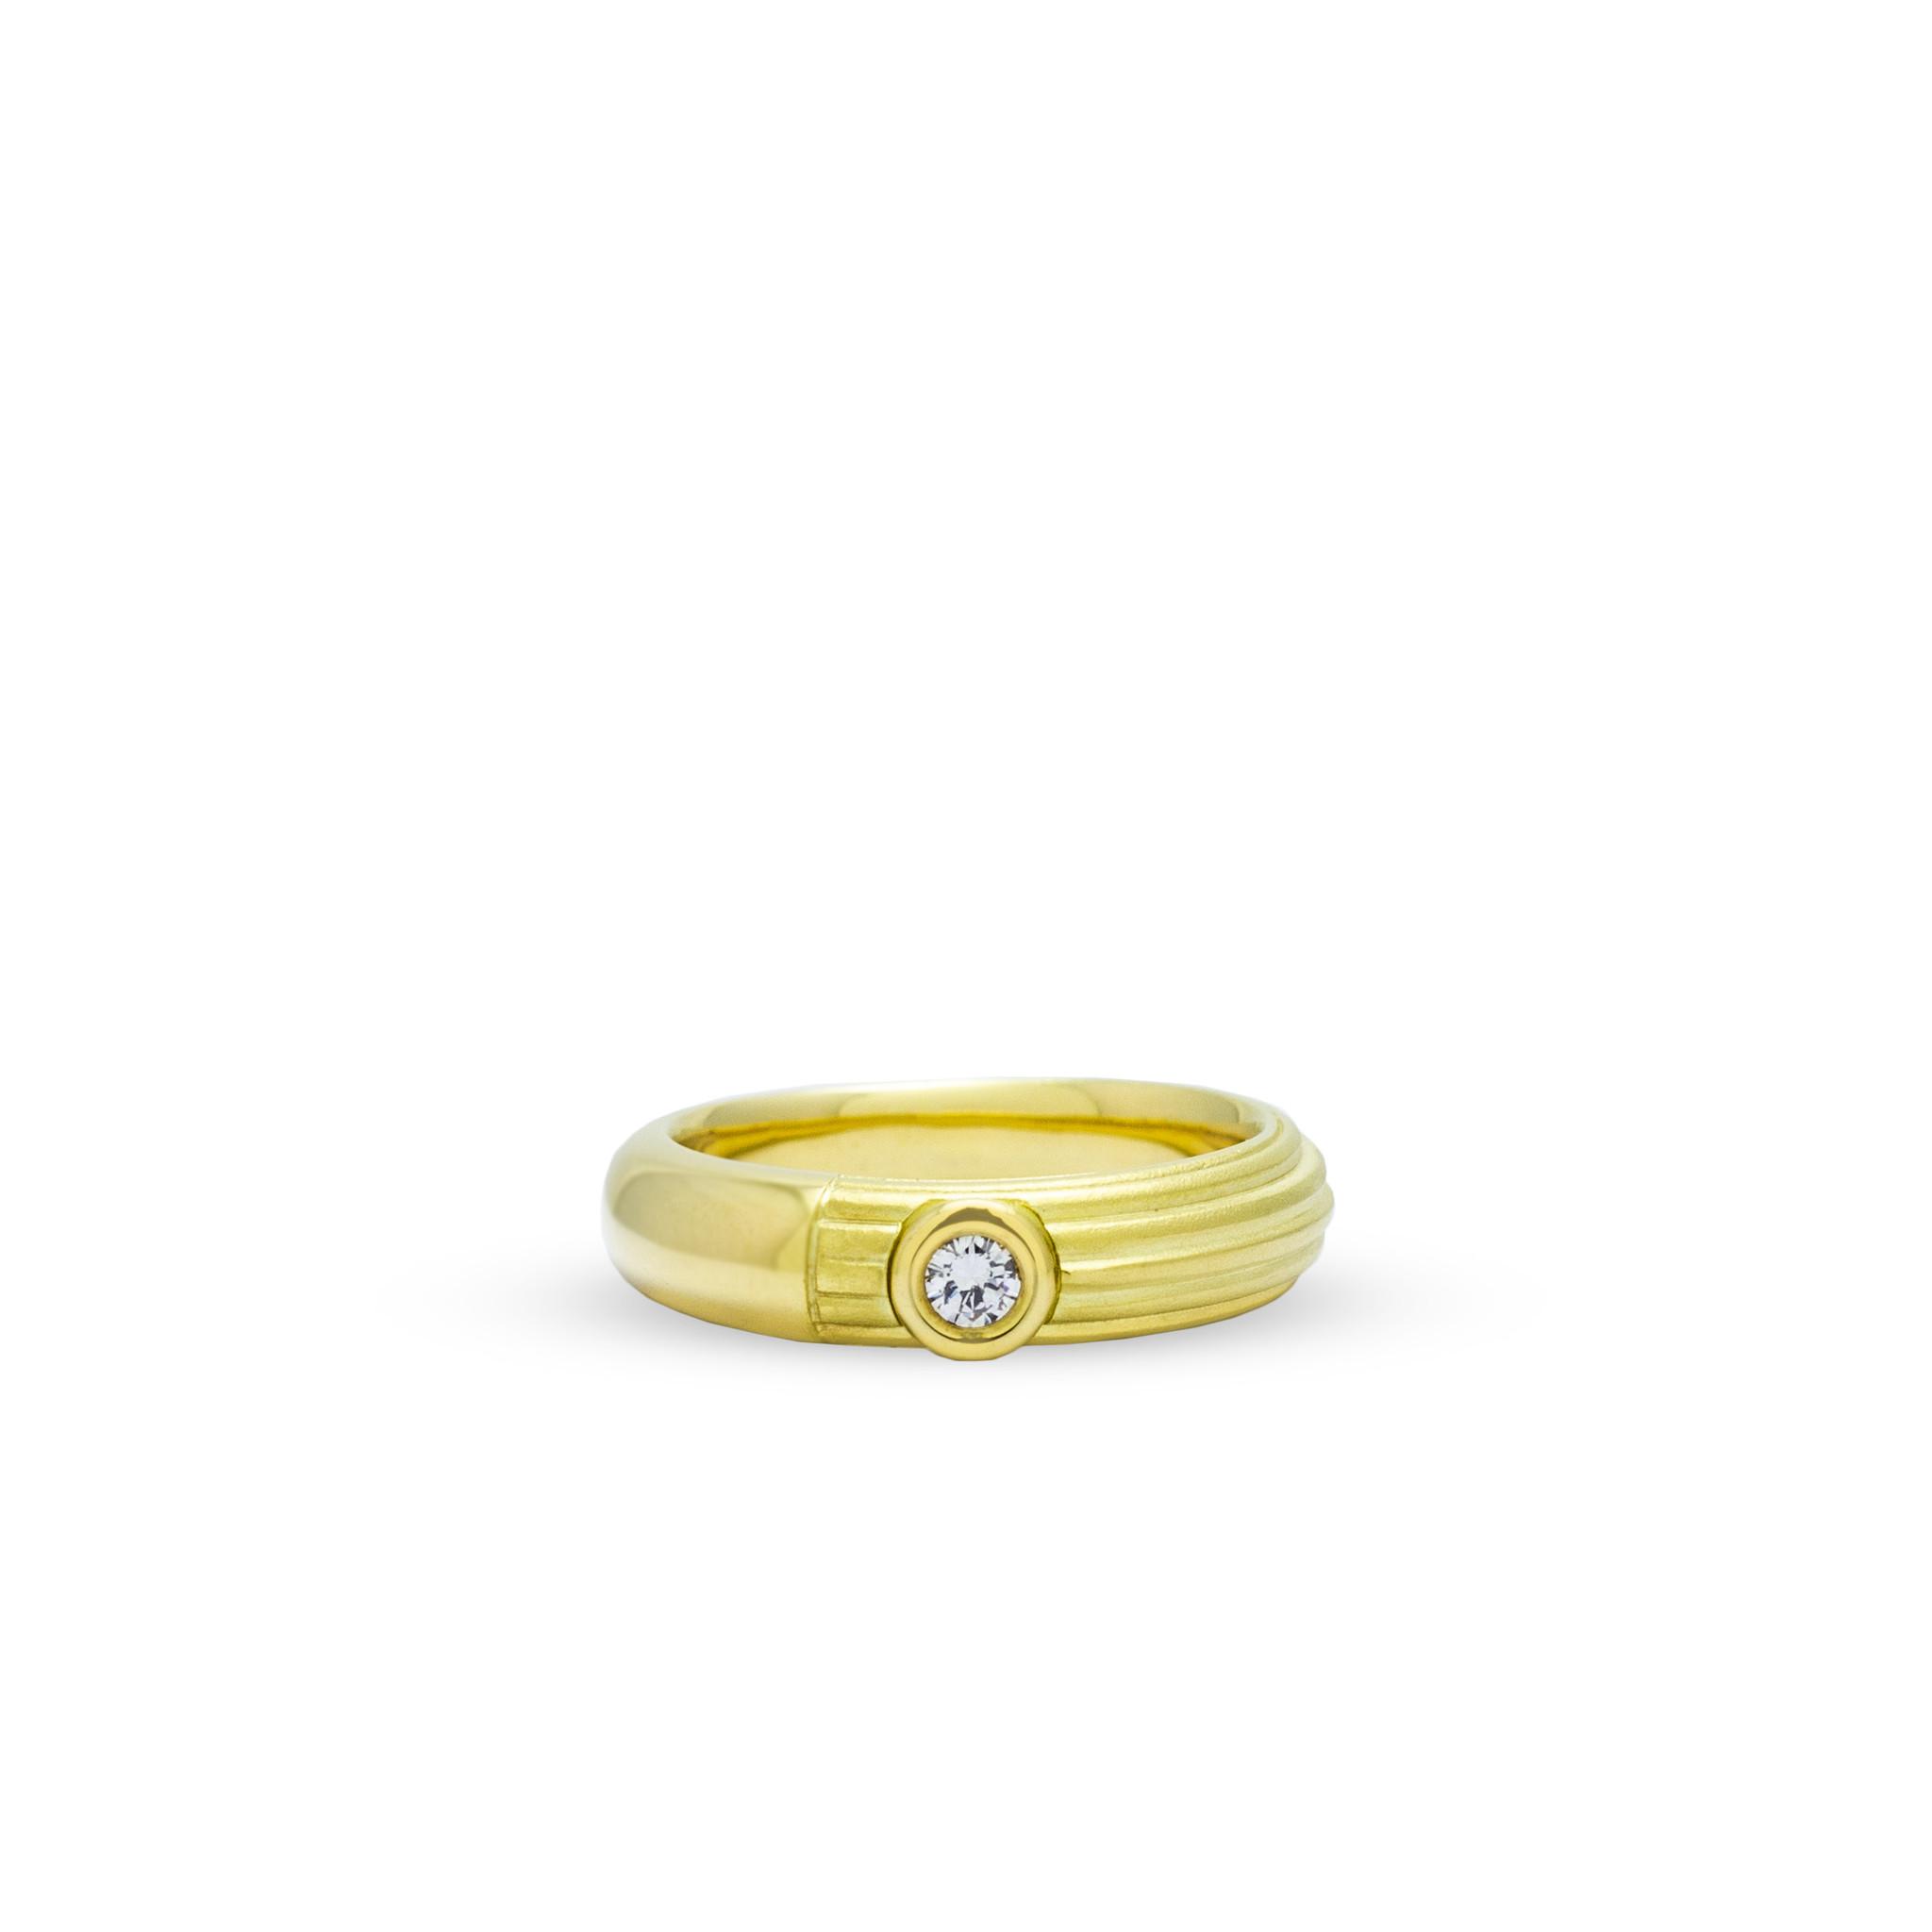 Private Label CvdK Een 18kt geelgouden ring met diamant